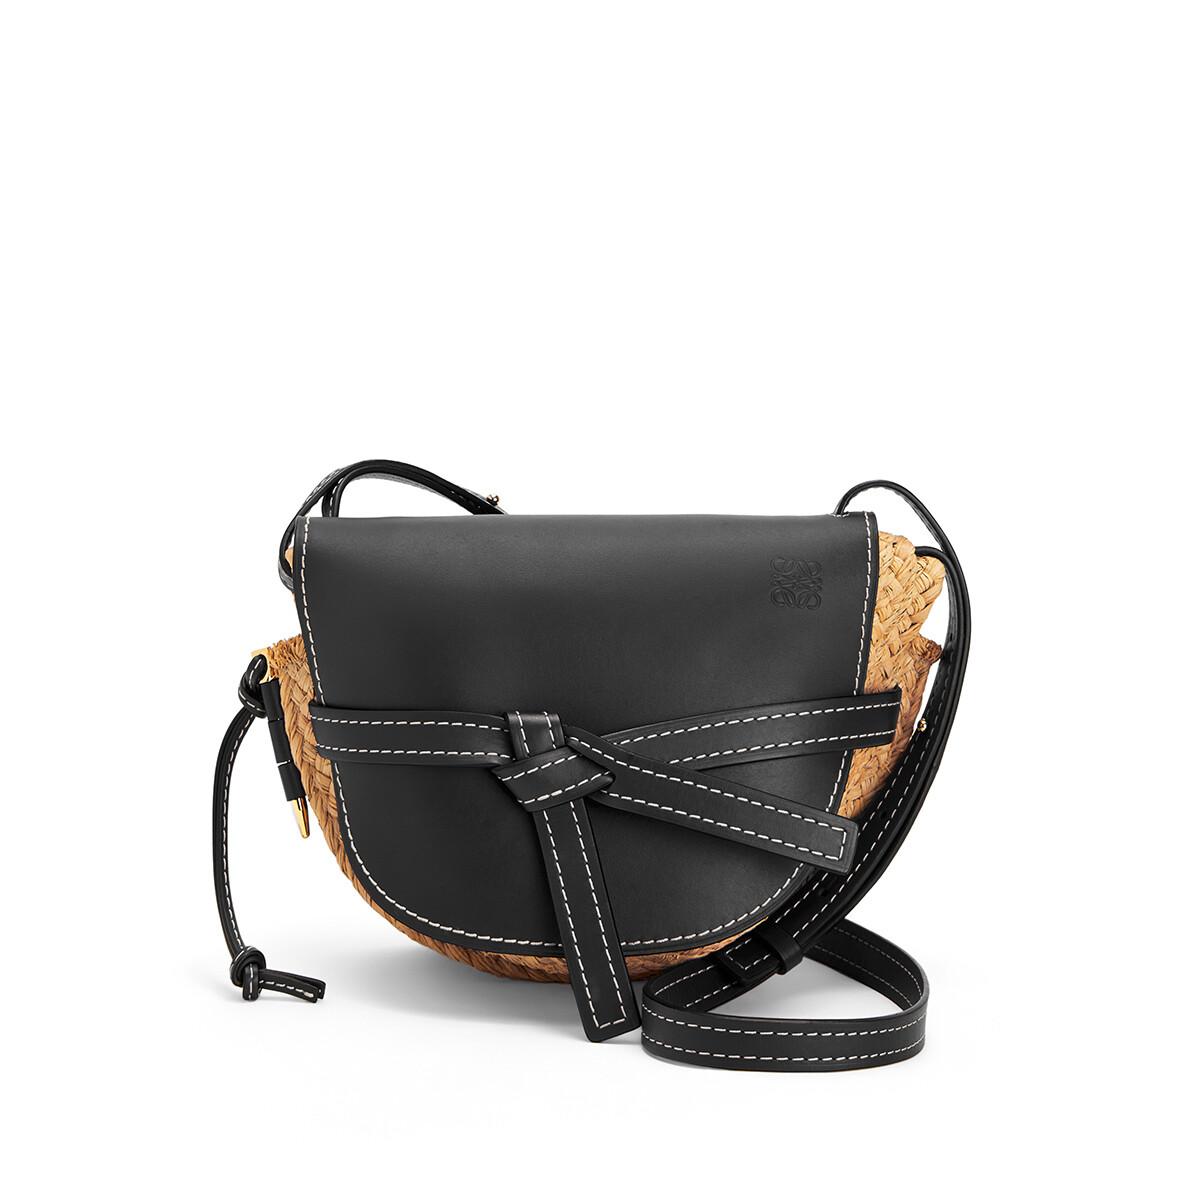 LOEWE Gate Small Bag Black/Natural front